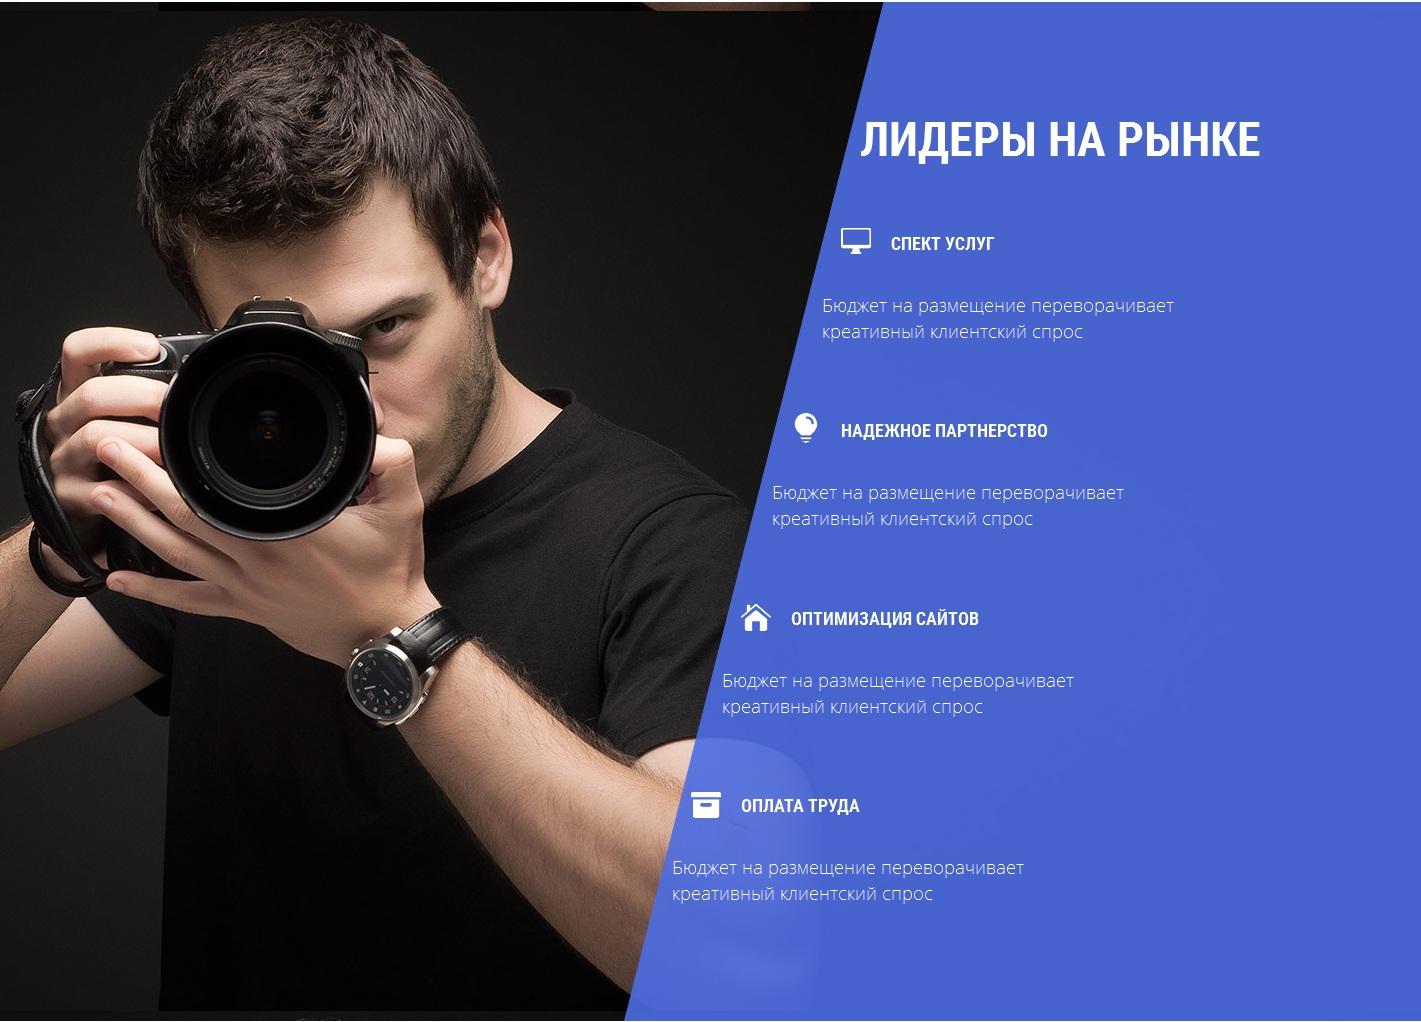 Лучшие автоматы россии фото и ттх если любите